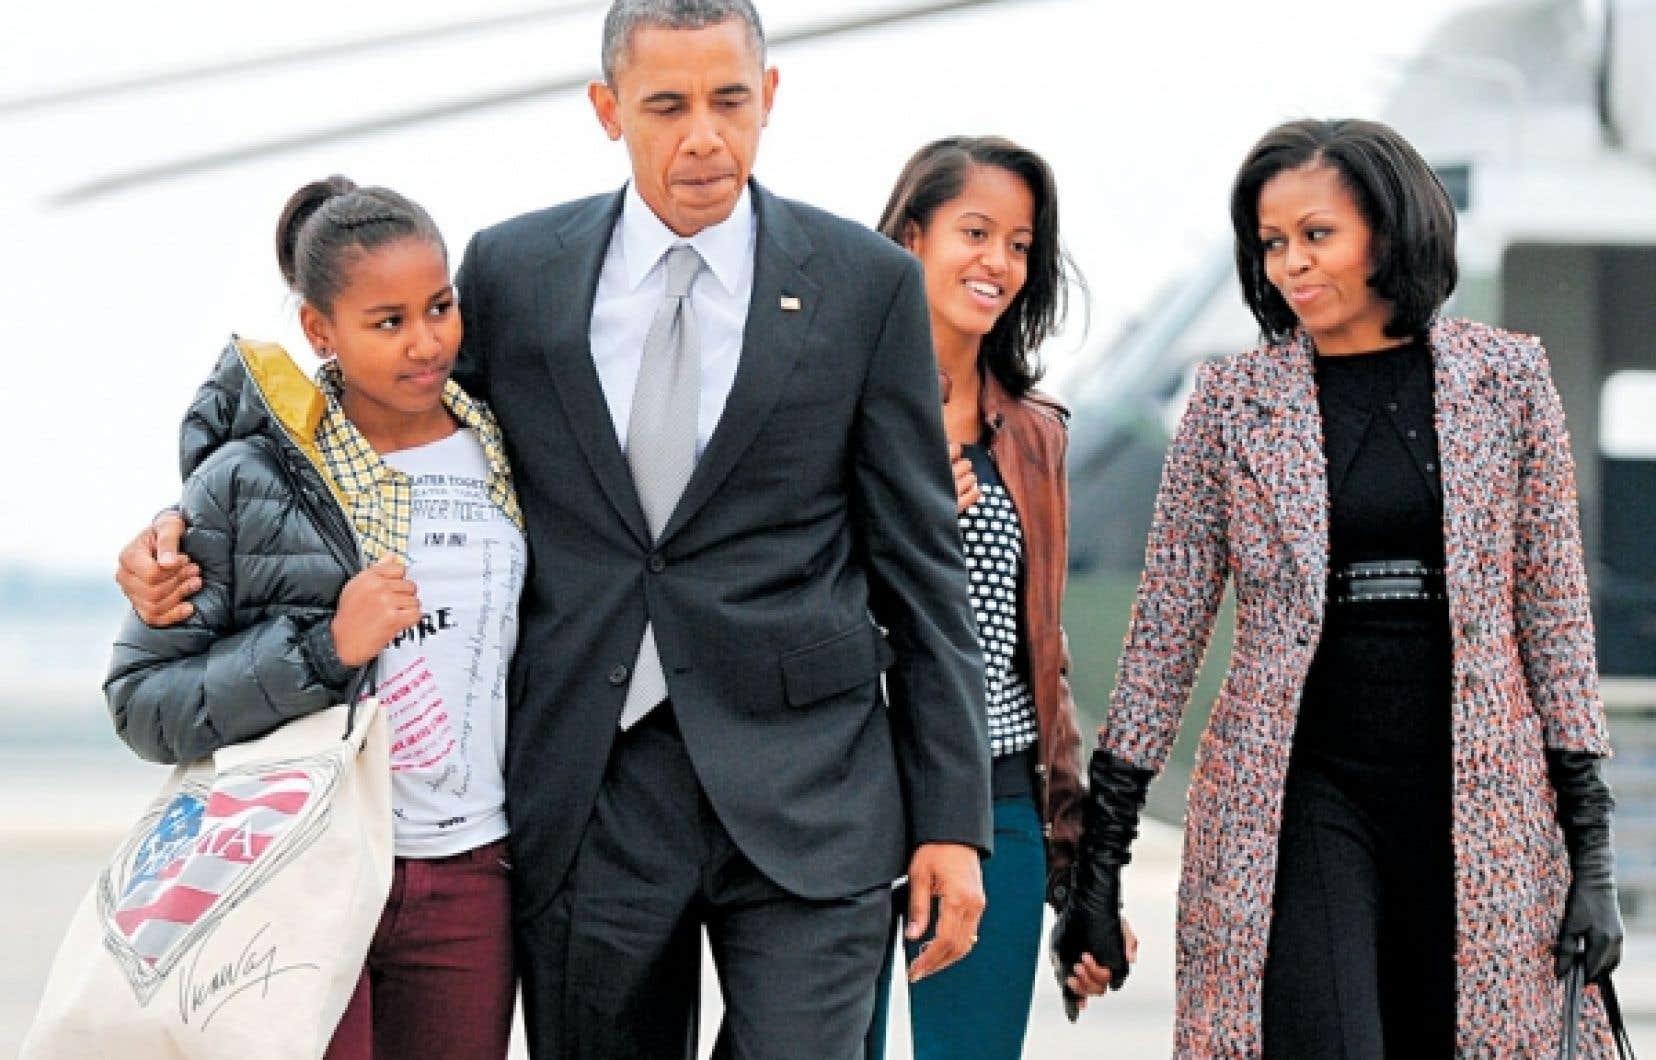 <div> Obama ne parvient pas &agrave; combler les hautes attentes qu&rsquo;il a soulev&eacute;es. Si bien qu&rsquo;on se lance plus que jamais dans un cin&eacute;ma de diversion.</div>